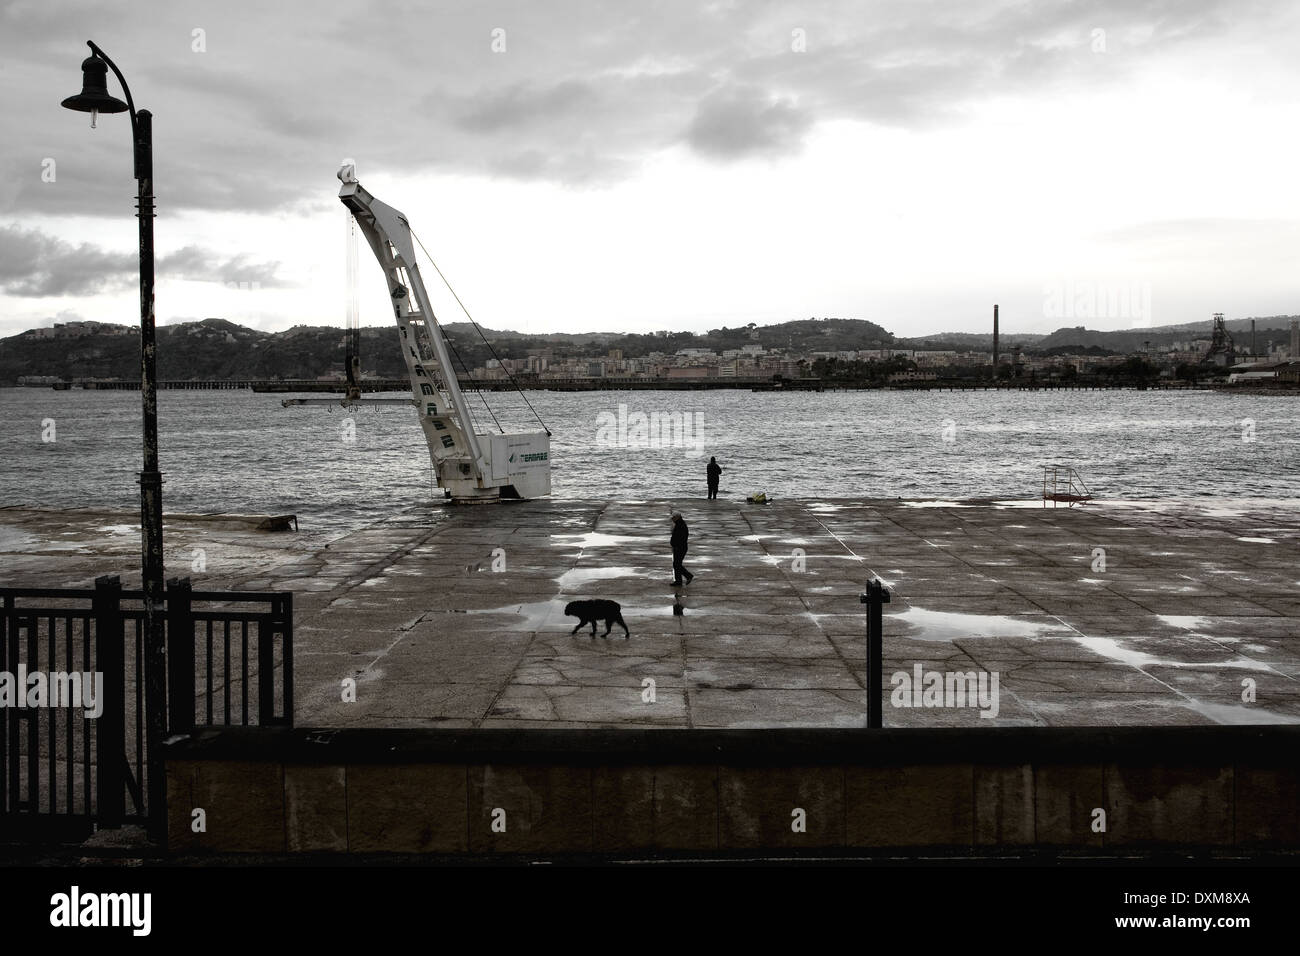 Nápoles (Italia) - Coroglio, el puente que une la tierra firme con la isla de Nisida Foto de stock